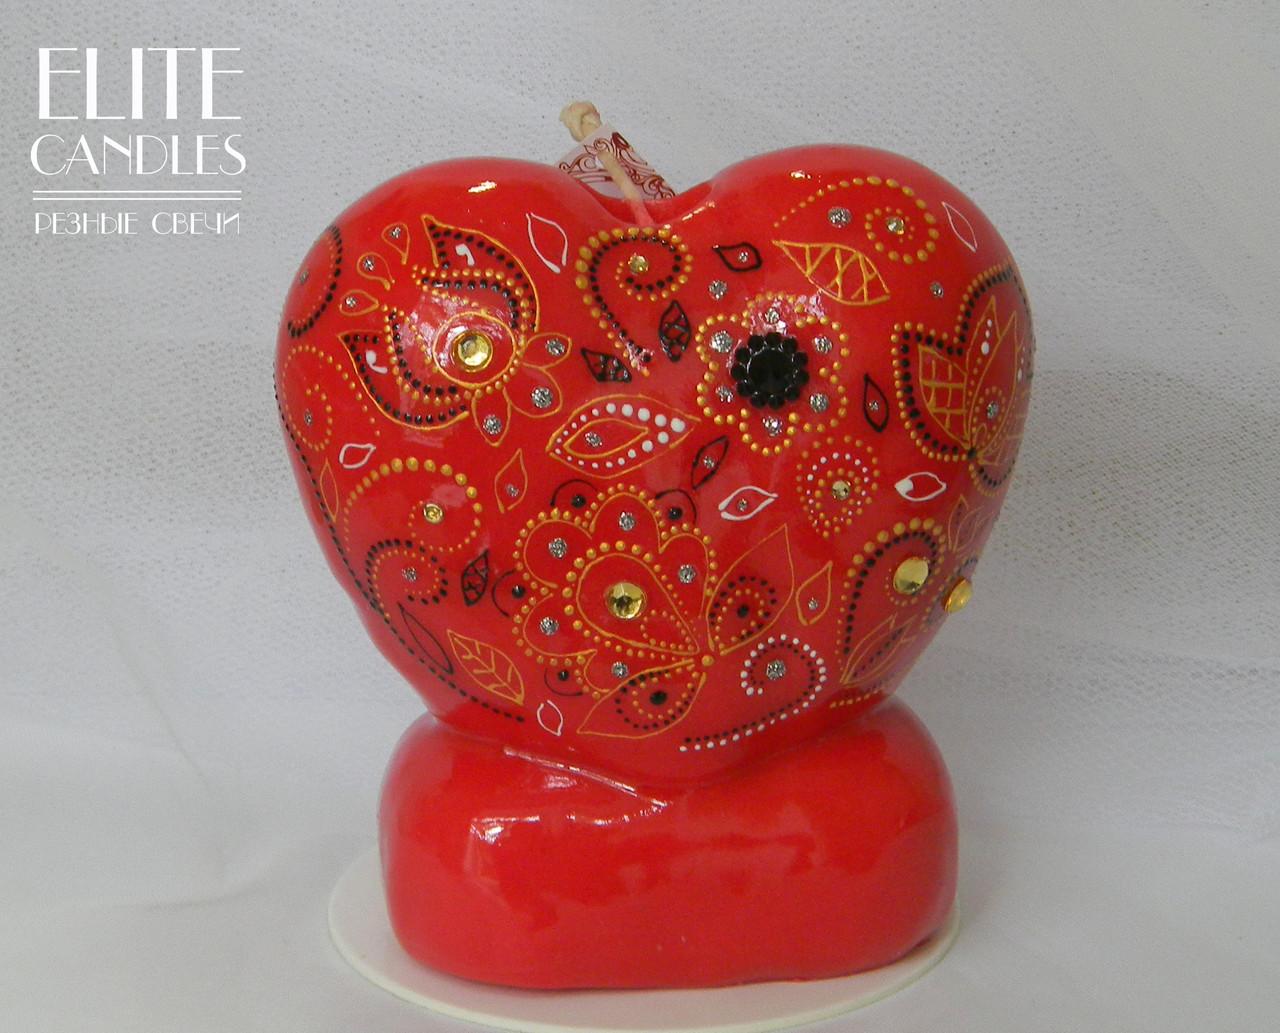 Свеча формы сердца красного цвета с красивым интерьерным рисунком